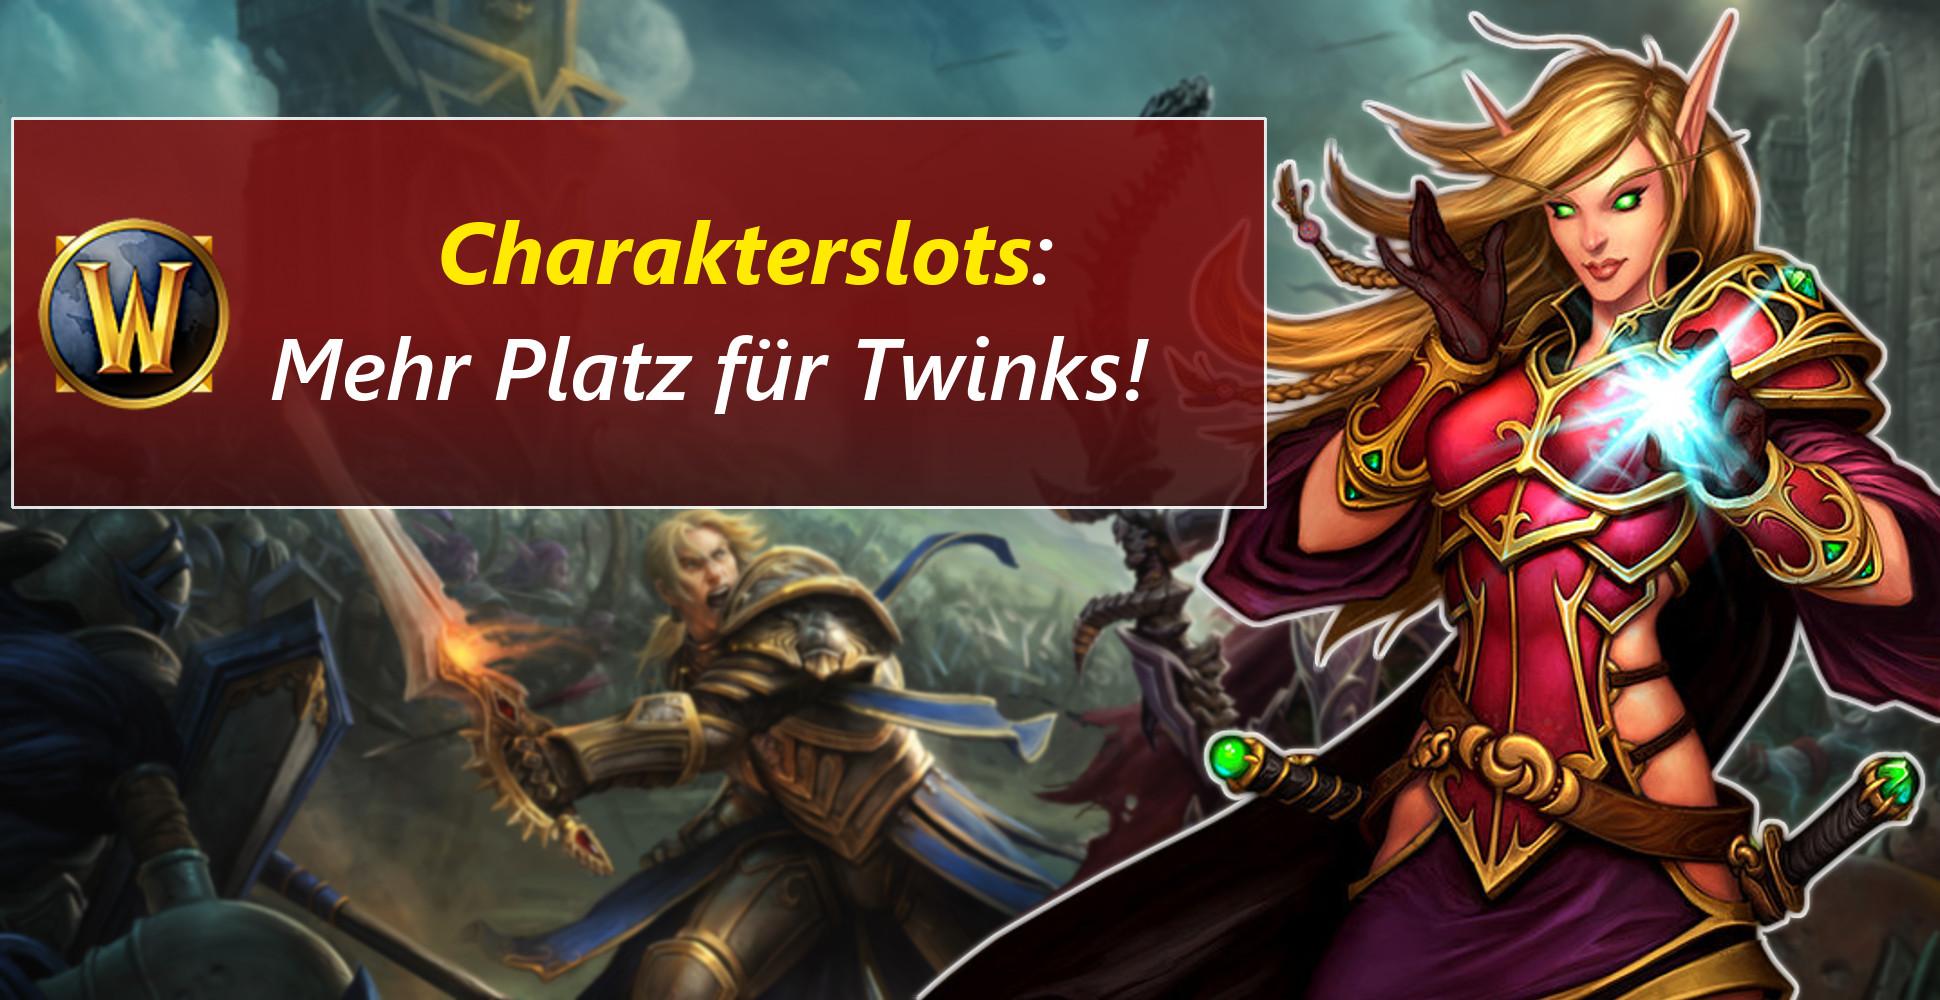 WoW im Twink-Rausch – Battle for Azeroth bringt mehr Charakterslots